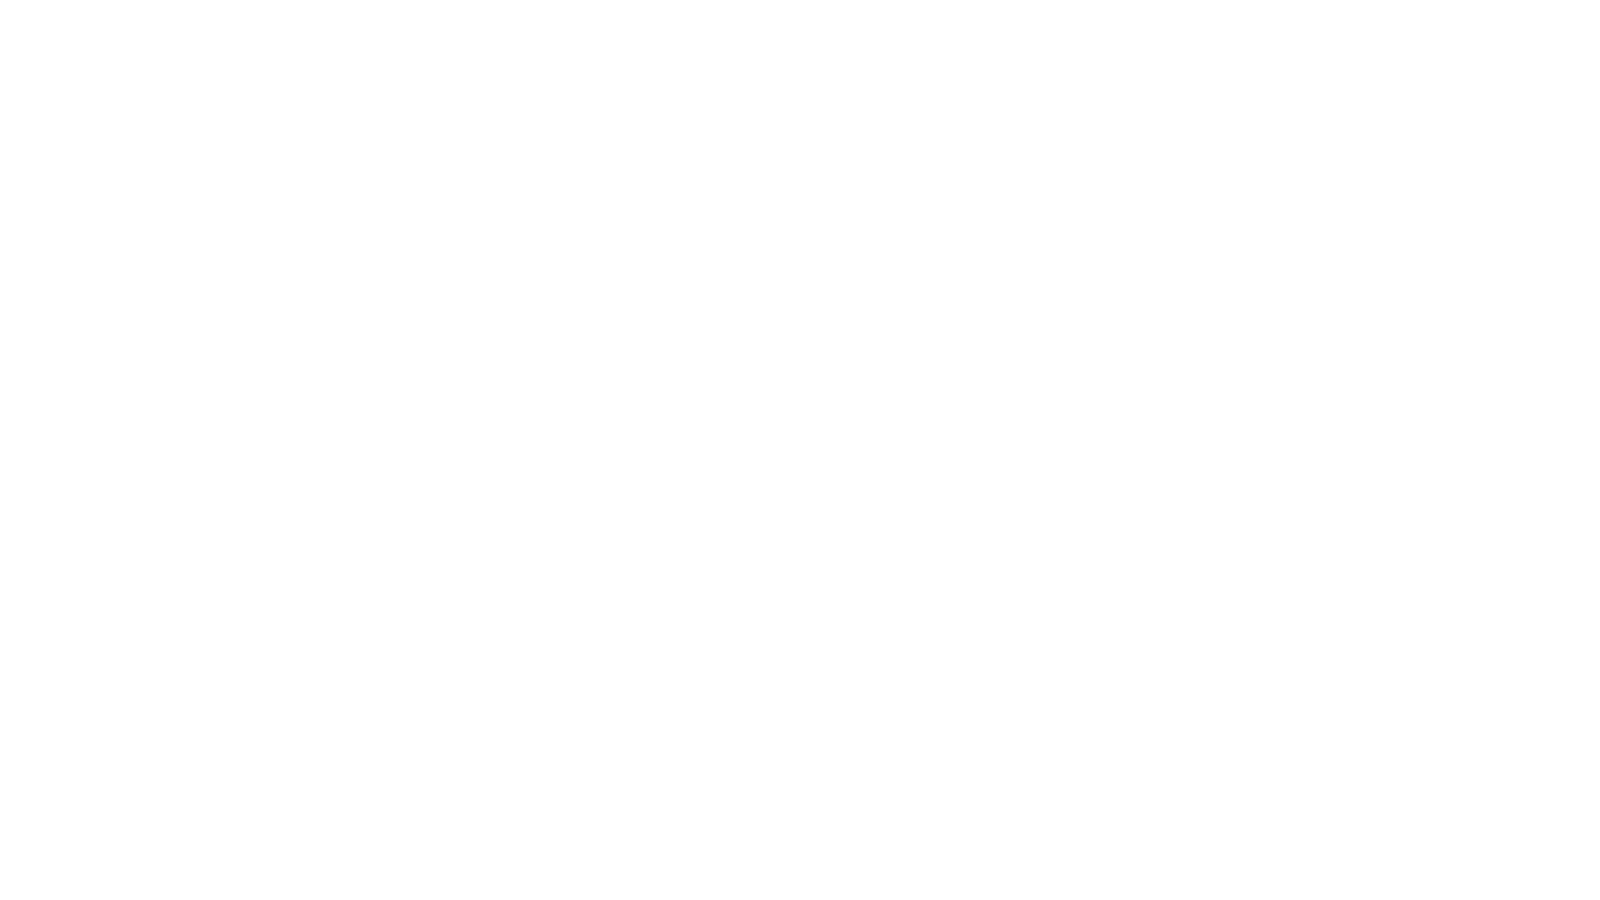 """Nauczanie pt.: """"Martys"""", Zbór Chrystusa Zbawiciela weFromborku, 2021.  Więcej informacji onas dostępne nanaszej stronie parakletos.pl."""